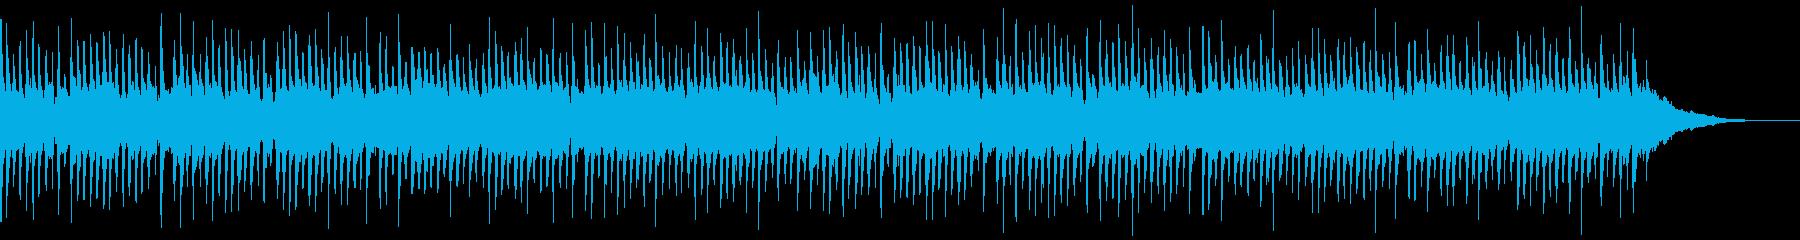 オープニング・和風三味線パワフルロックの再生済みの波形